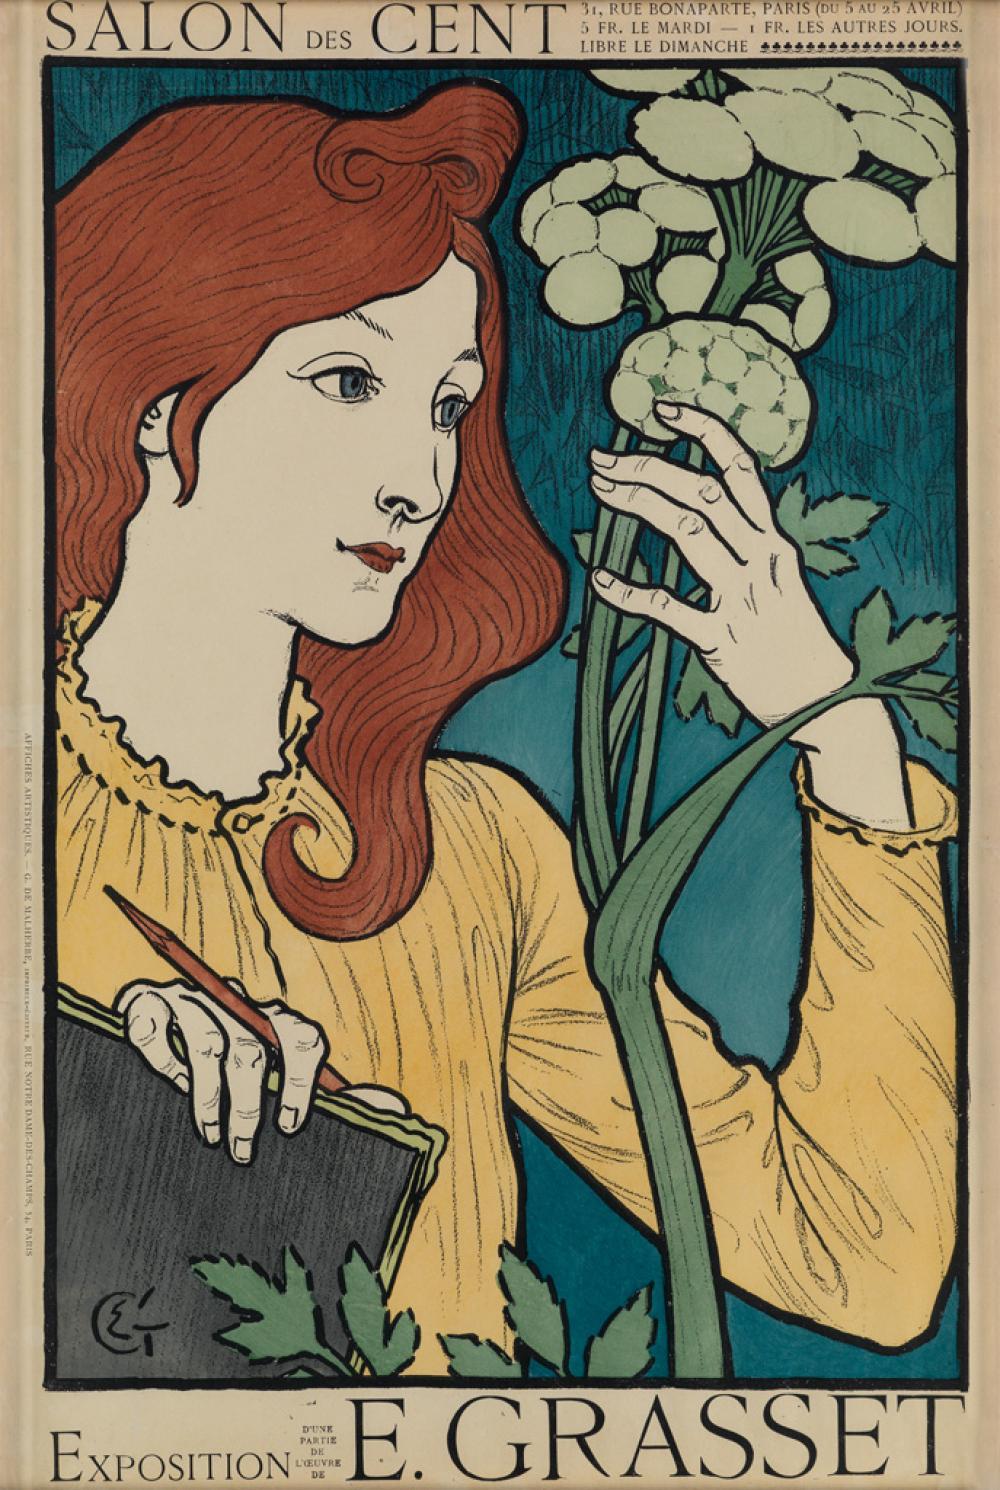 EUGÈNE GRASSET (1845-1917). SALON DES CENT. 1894. 23x15 inches, 59x39 cm. G. de Malherbe, Paris.